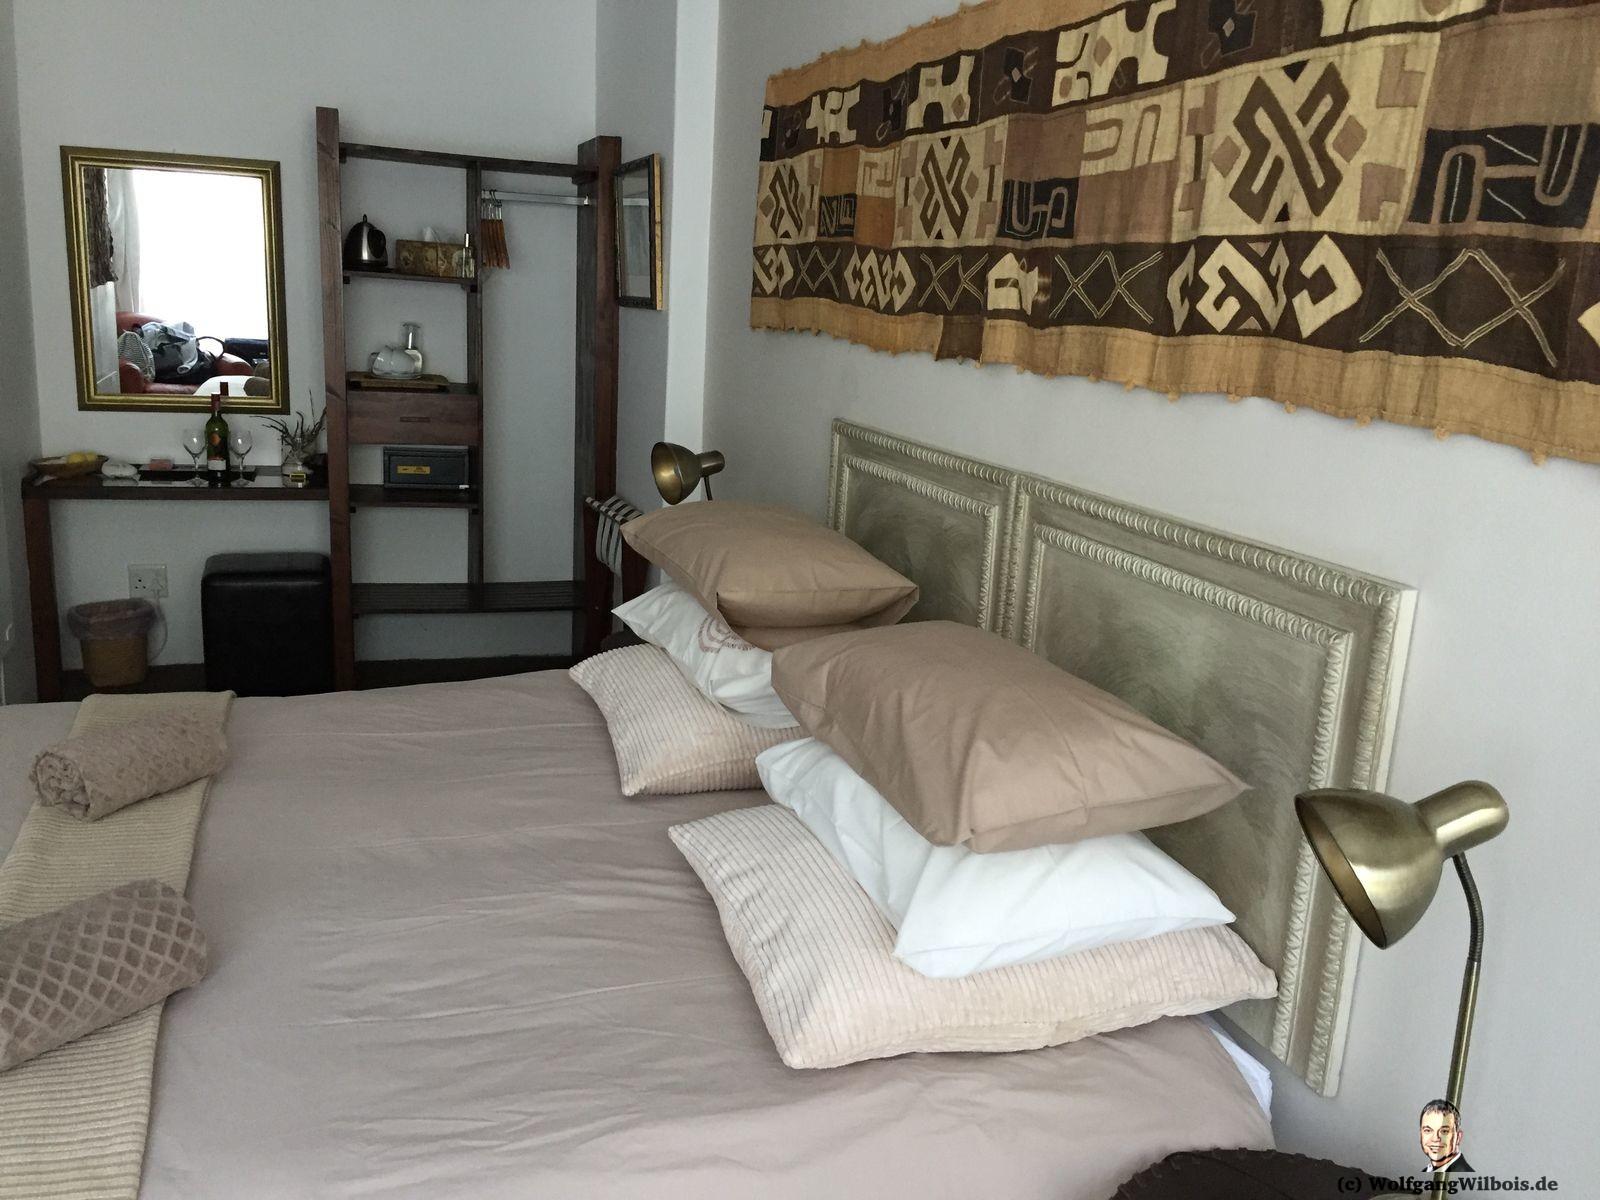 Stannards Guest Lodge Knyzna Schlafzimmer 2